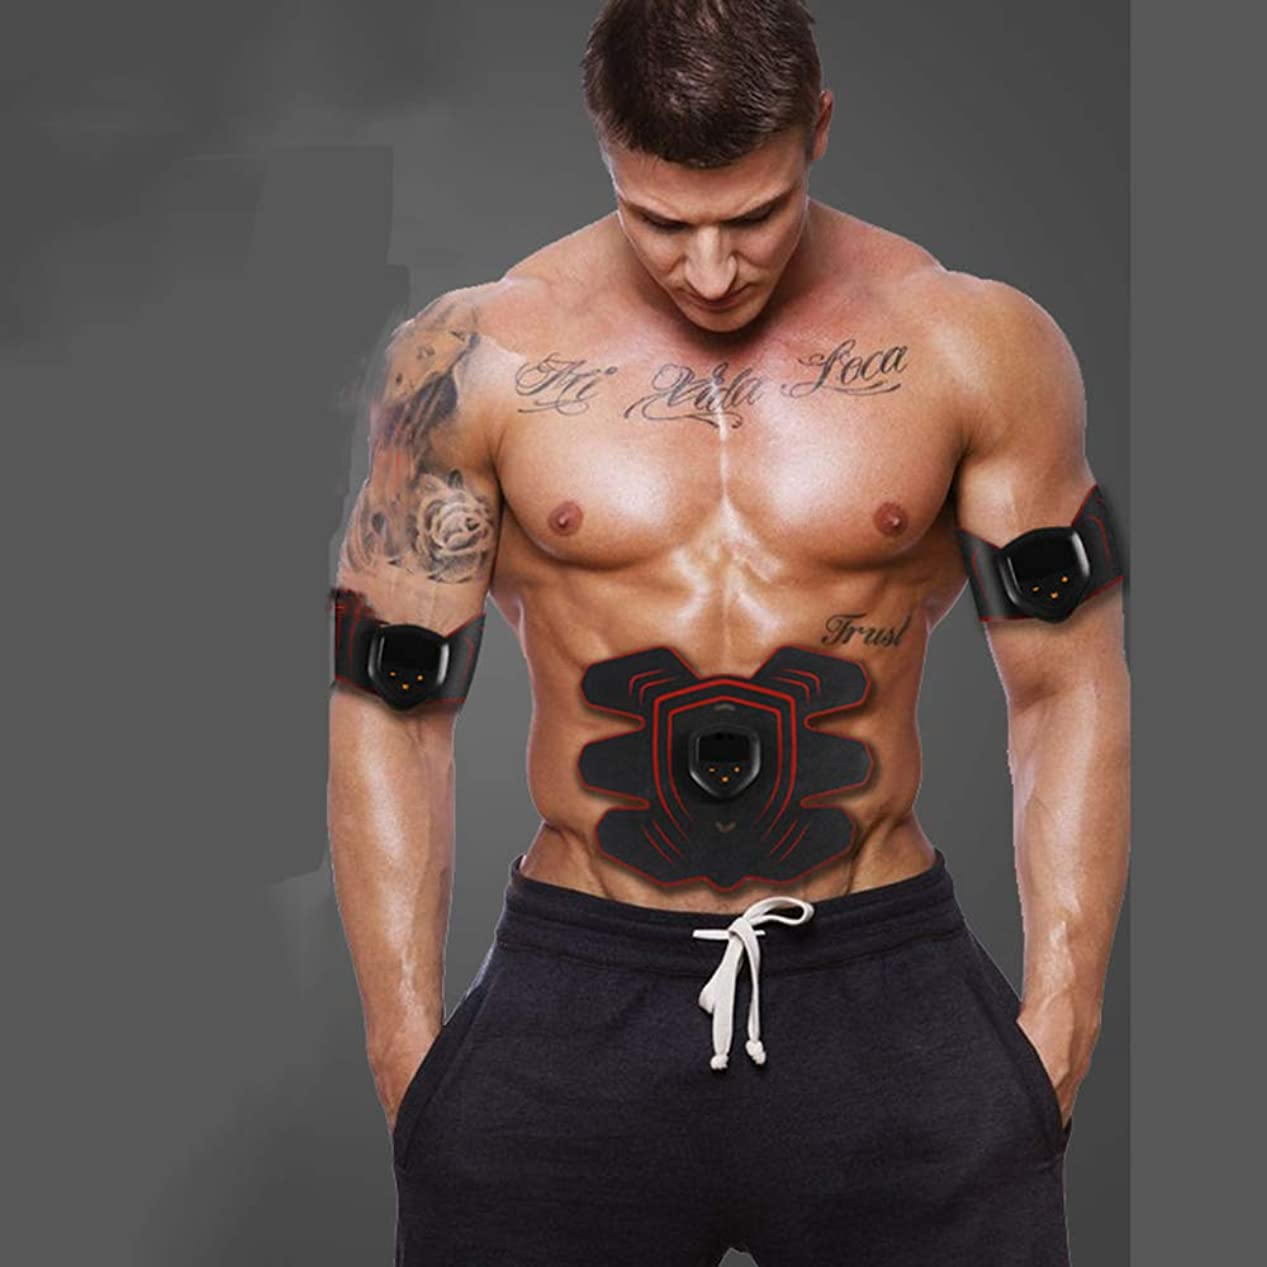 バレーボール唯一荷物USB電気腹部装置EMS筋肉刺激装置ボディフィットネスマッサージ装置腹筋運動スポーツフィットネス機器ユニセックス